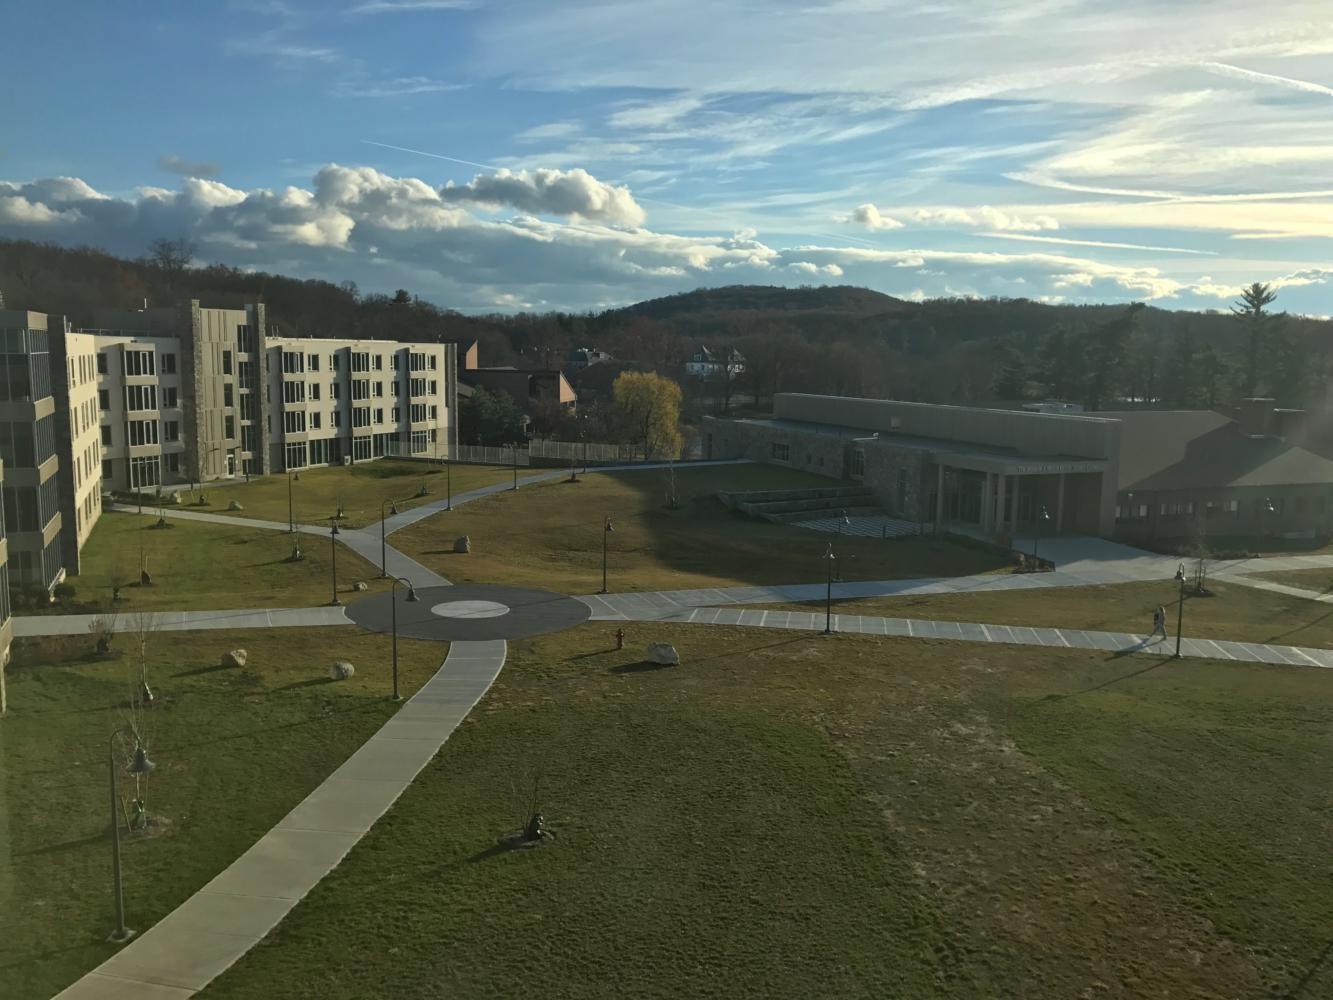 Pace University. Photo by Joseph Tucci.